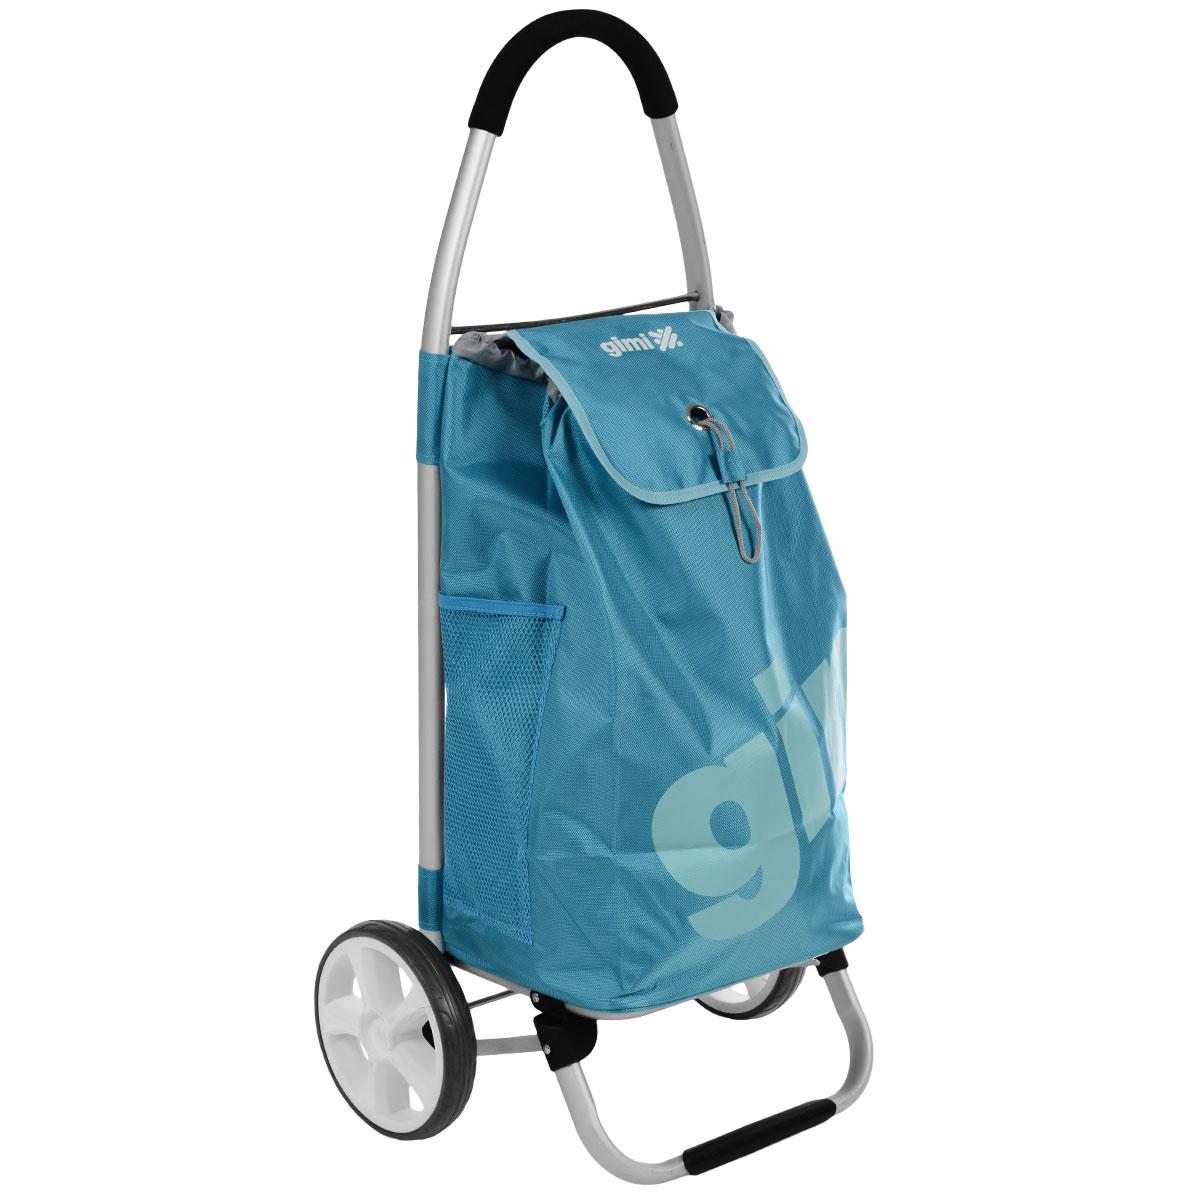 Сумка-тележка Gimi Galaxy, цвет: голубойGC204/30Хозяйственная сумка-тележка Gimi Galaxy - это очень мощная сумка-тележка длясамых непроходимых дорог и любой непогоды. Легкий каркас из алюминия снадежной подножкой и дополнительными перемычками на основании дляповышенной прочности, тщательно изготовленные детали из высокопрочногополимера.Колеса облегченные, со скользящей втулкой для лучшего вращения. Покрытиеколес изготовлено из севилена - износостойкого и морозоустойчивого материала.Широкая горловина сумки затягивается на кулиску и накрывается клапаном соригинальной застежкой. Внутри сумки - вставное пластиковое дно для жесткостии придания формы. Водоустойчивая сумка увеличенной толщины оснащена заднимкарманом на молнии и 2 боковыми карманами-сетками. Ручка с покрытием softtouch.Максимальная грузоподъемность: 30 кг.Вместимость сумки: 50 л.Размеры (вместе с тележкой): 47 х 37 х 102 см.Высота сумки: 60 см.Ширина сумки: 36 см.Глубина сумки: 23 см.